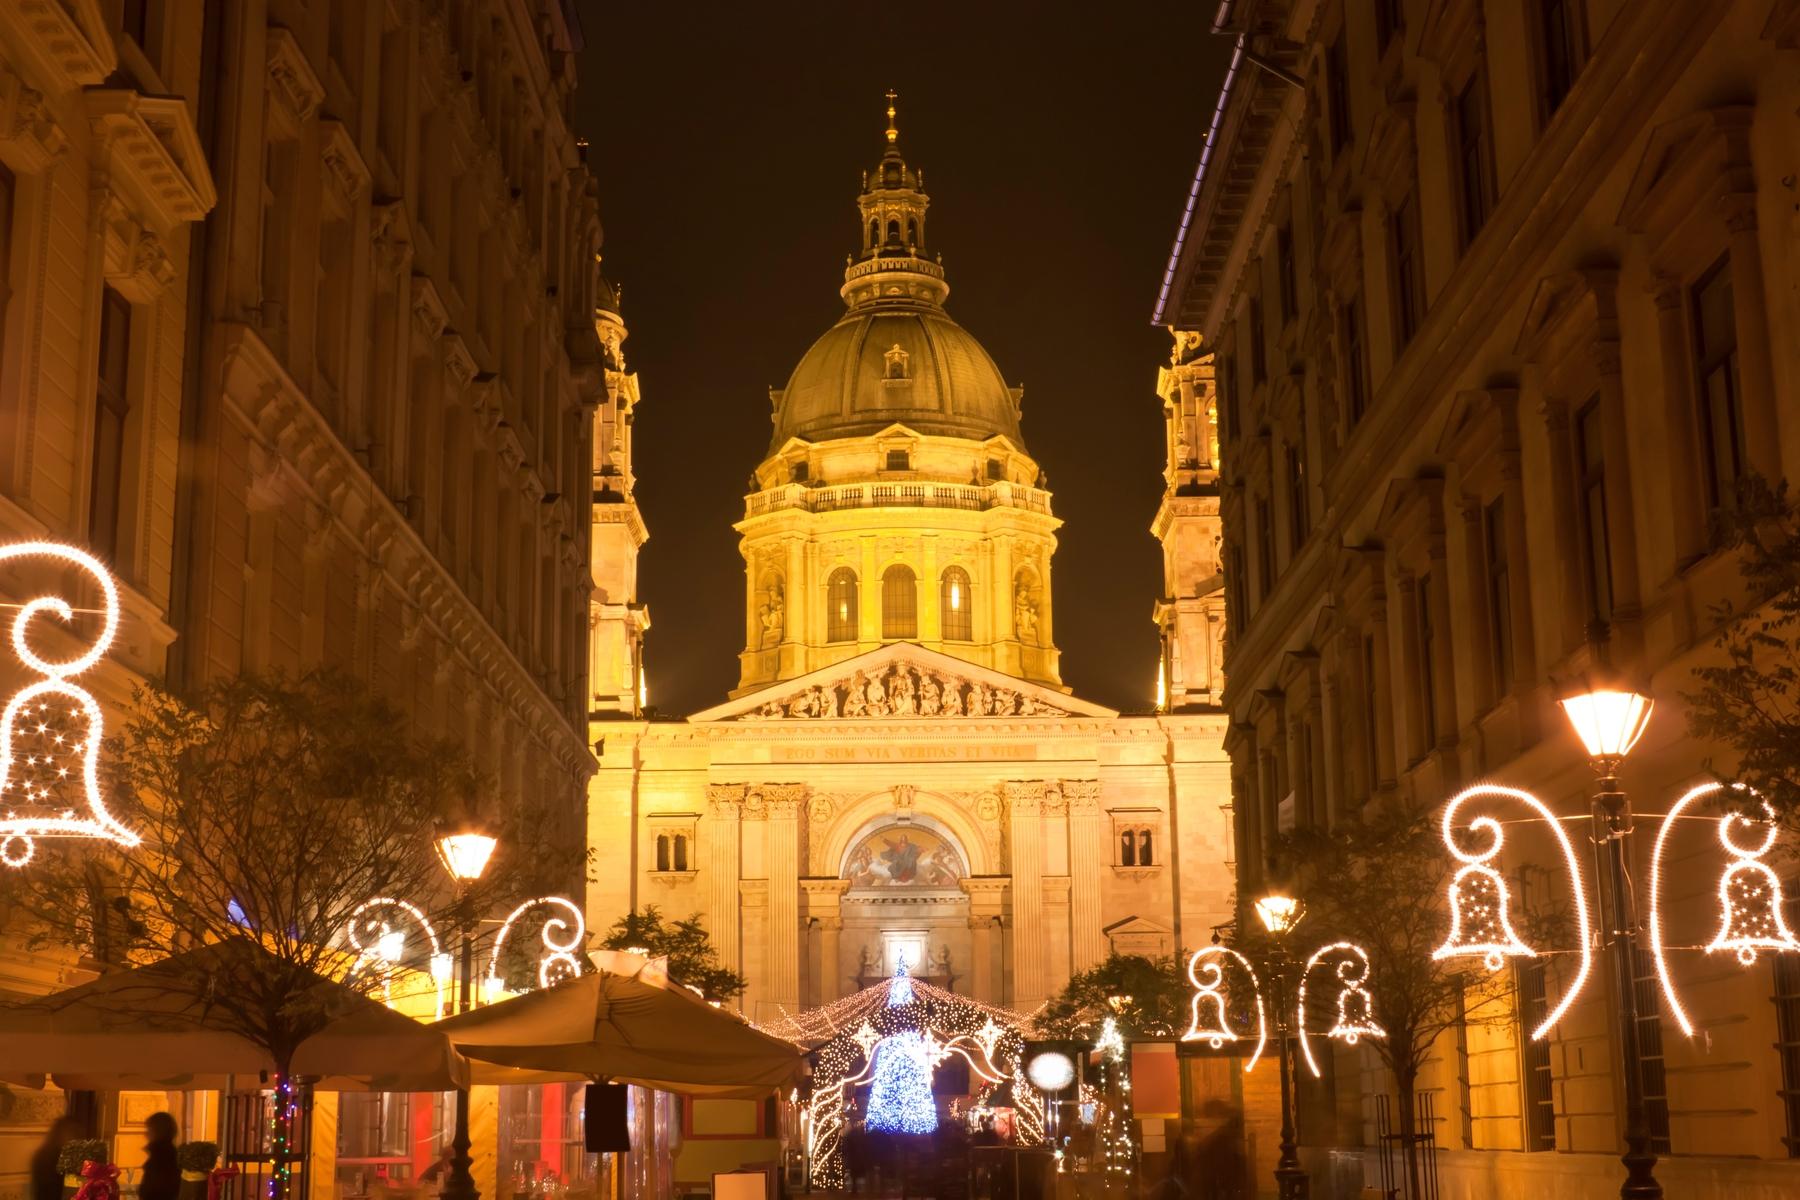 Рождественские украшения у базилики Святого Иштвана в Будапеште.